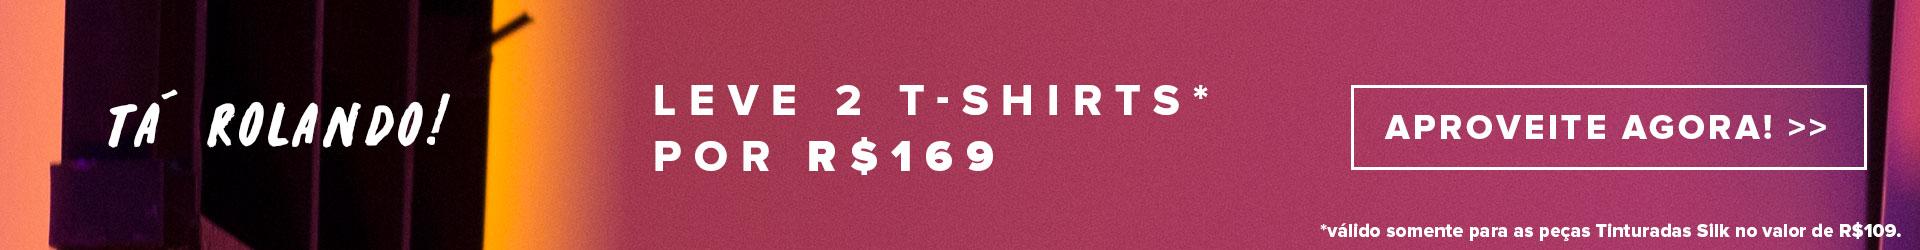 Promoção 2 T-Shirts por R$ 169